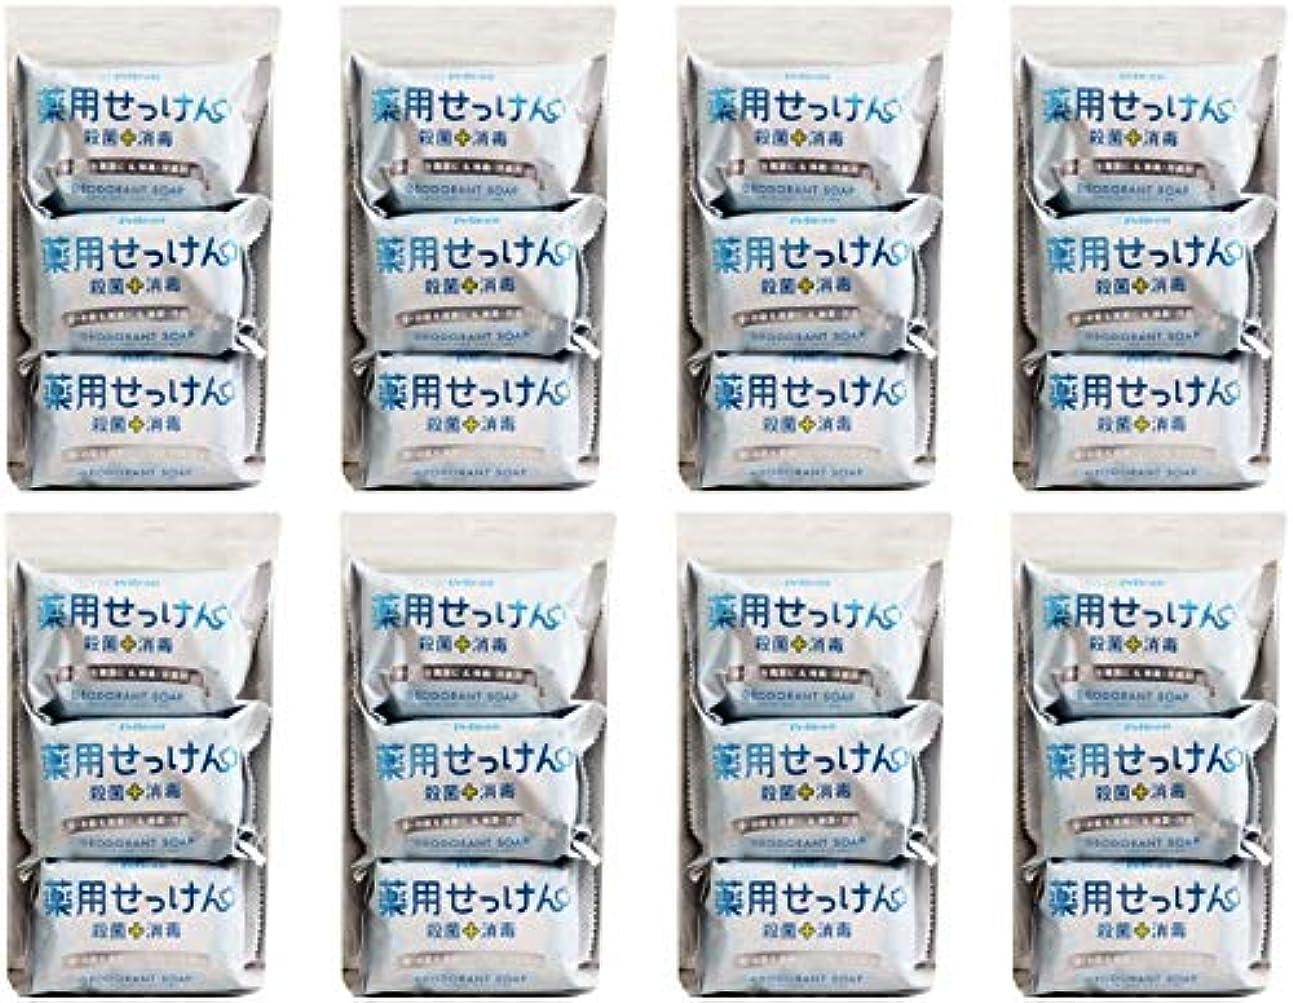 閉塞血まみれ闘争【まとめ買い】ペリカン石鹸 薬用せっけん 85g×3個【×8個】